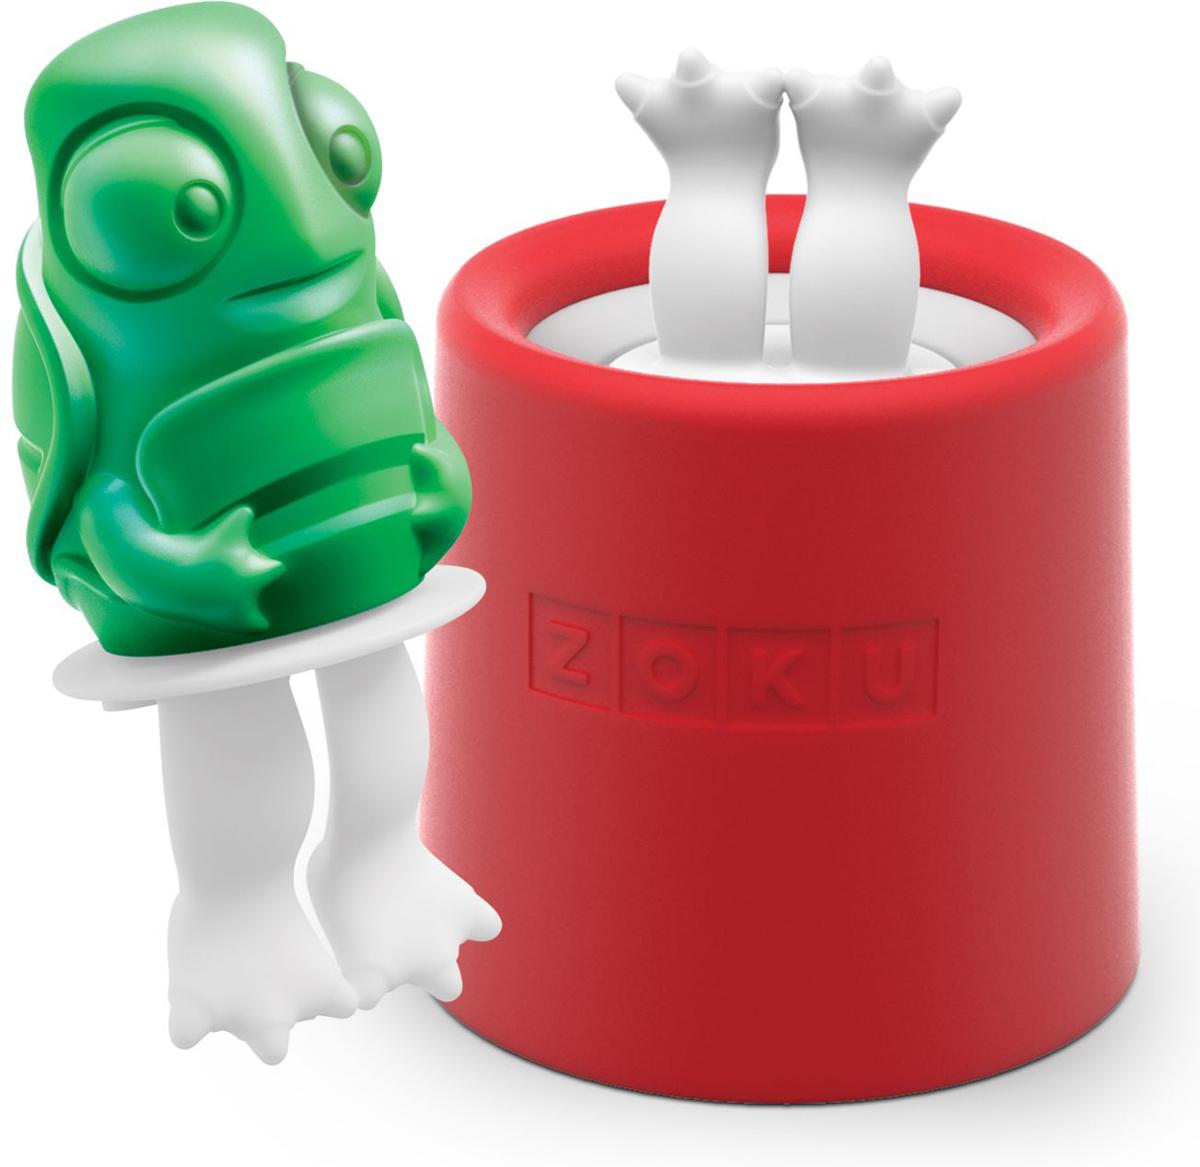 Форма для мороженого Zoku Turtle, цвет: красный, 45 мл. ZK123-012ZK110-PUУникальная коллекция формочек для мороженого включает в себя 8 разных фигурок, с помощью которых вы сможете готовить вкусные и полезные домашние десерты. Теперь каждому члену семьи достанется свой персонаж, и не придется путаться в том, кому и какое лакомство принадлежит.Для приготовления мороженого залейте жидкость в форму Zoku Turtle до отметки и вставьте внутрь палочку. Оставьте в морозильной камере на восемь и более часов. Когда продукт готов, просто вытащите палочку и наслаждайтесь натуральным десертом собственного приготовления.Форма не содержит вредных примесей и бисфенола-А. Моется вручную. Объем - 45 мл.